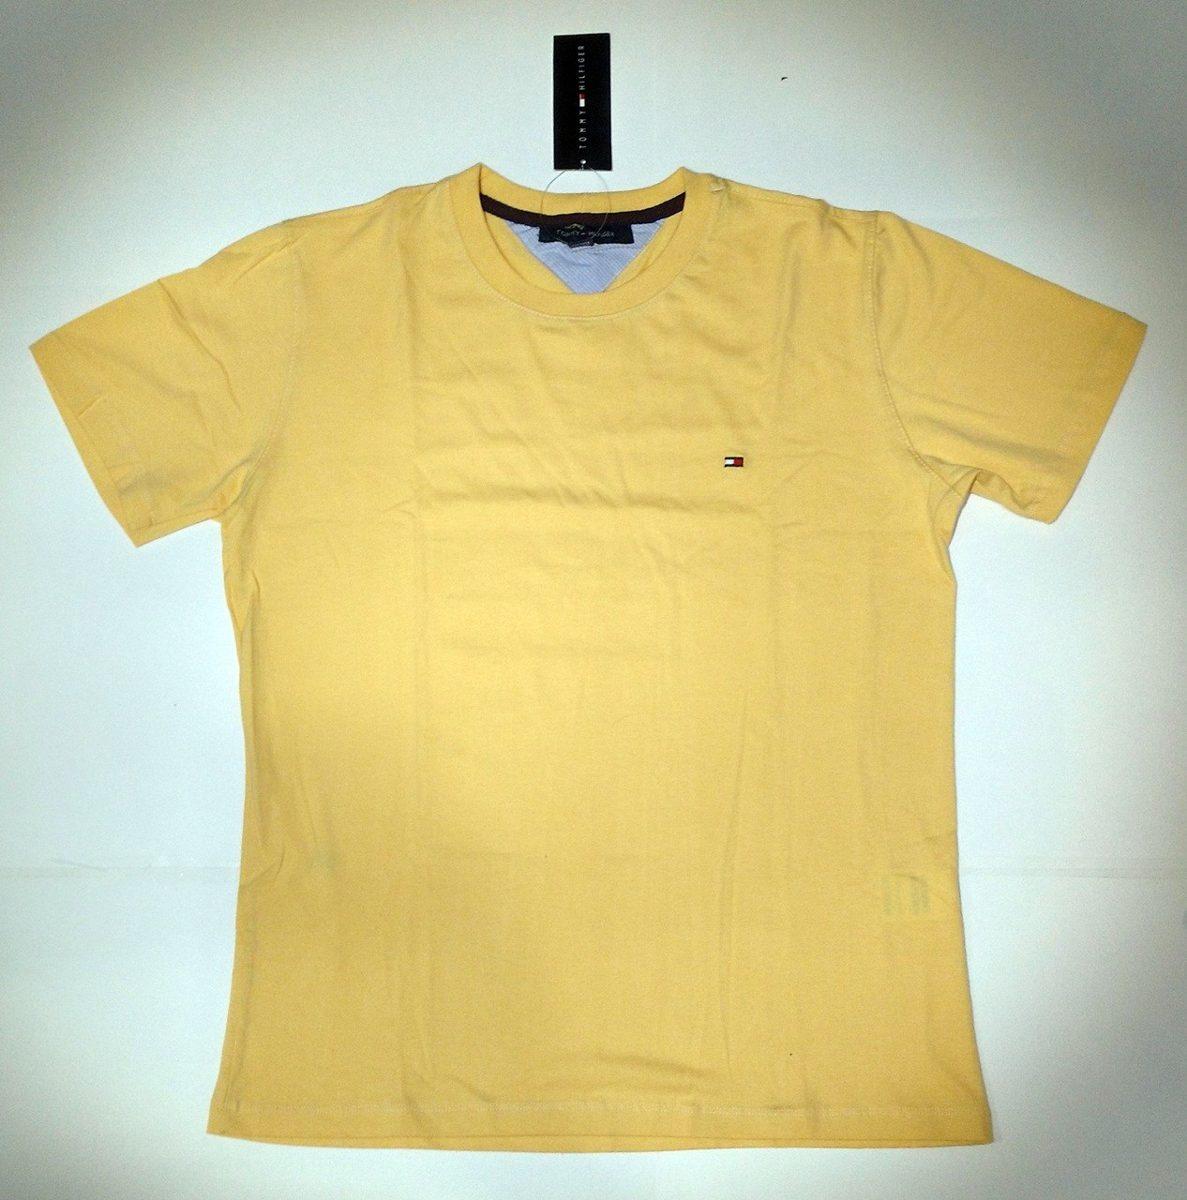 2d65c96aa8cb9 camiseta básica tommy hilfiger amarela 100% algodão. Carregando zoom.